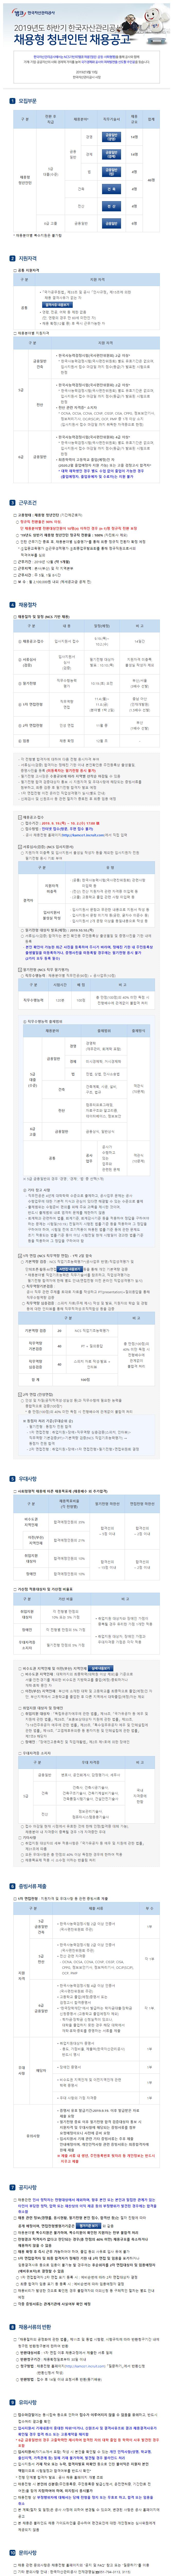 [한국자산관리공사] 총 46명! 2019 채용형 청년인턴 채용 (~10/2)